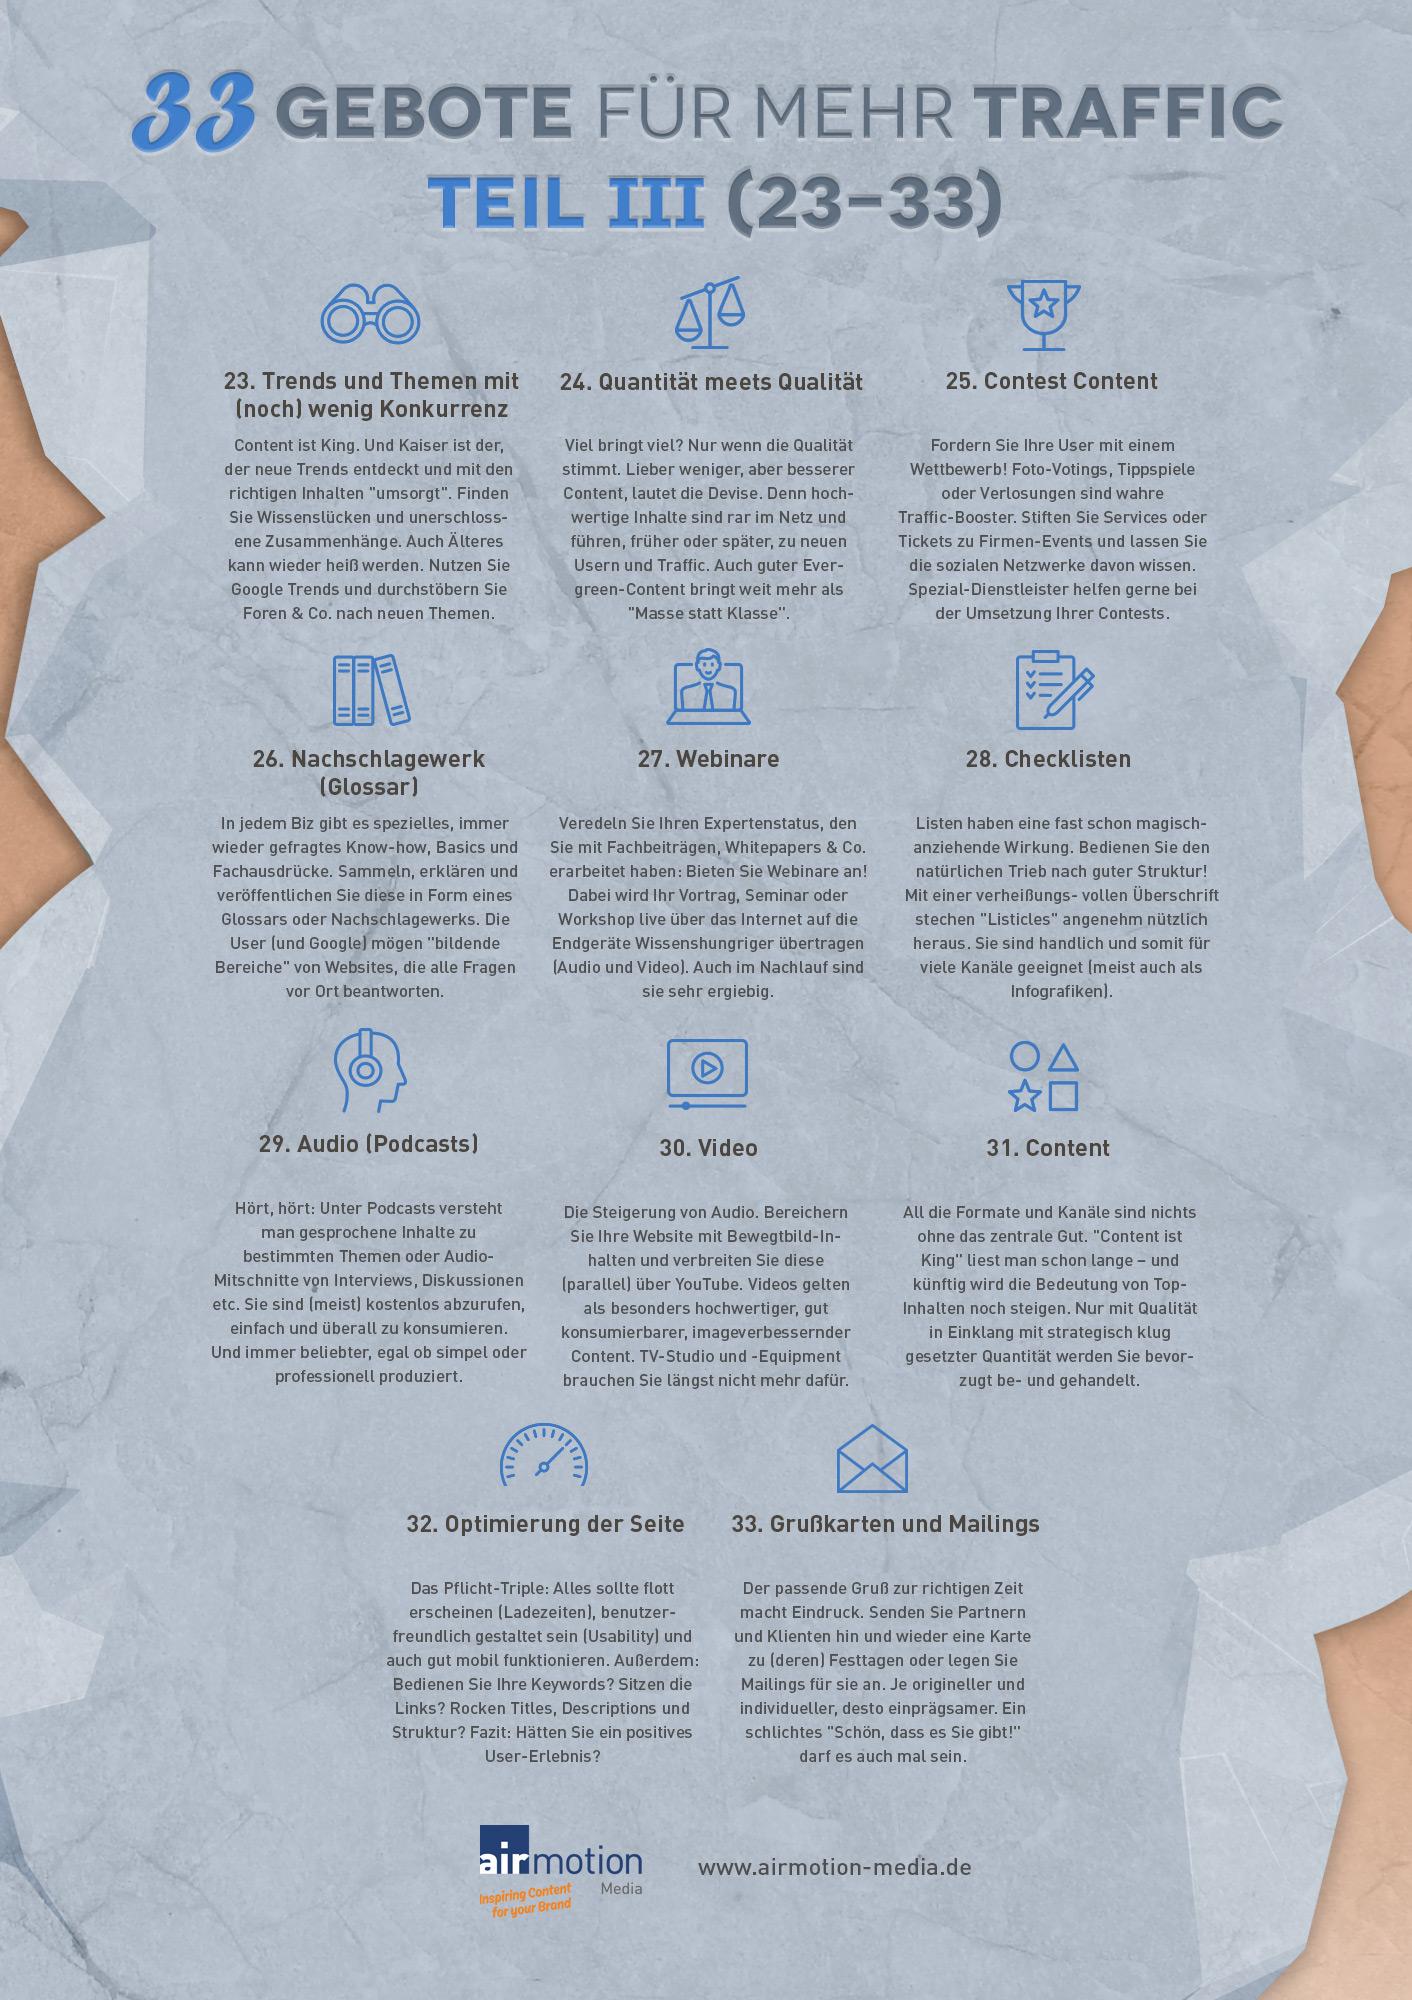 Infografik: Die finalen elf der 33 Gebote für mehr Traffic – Airmotion Media